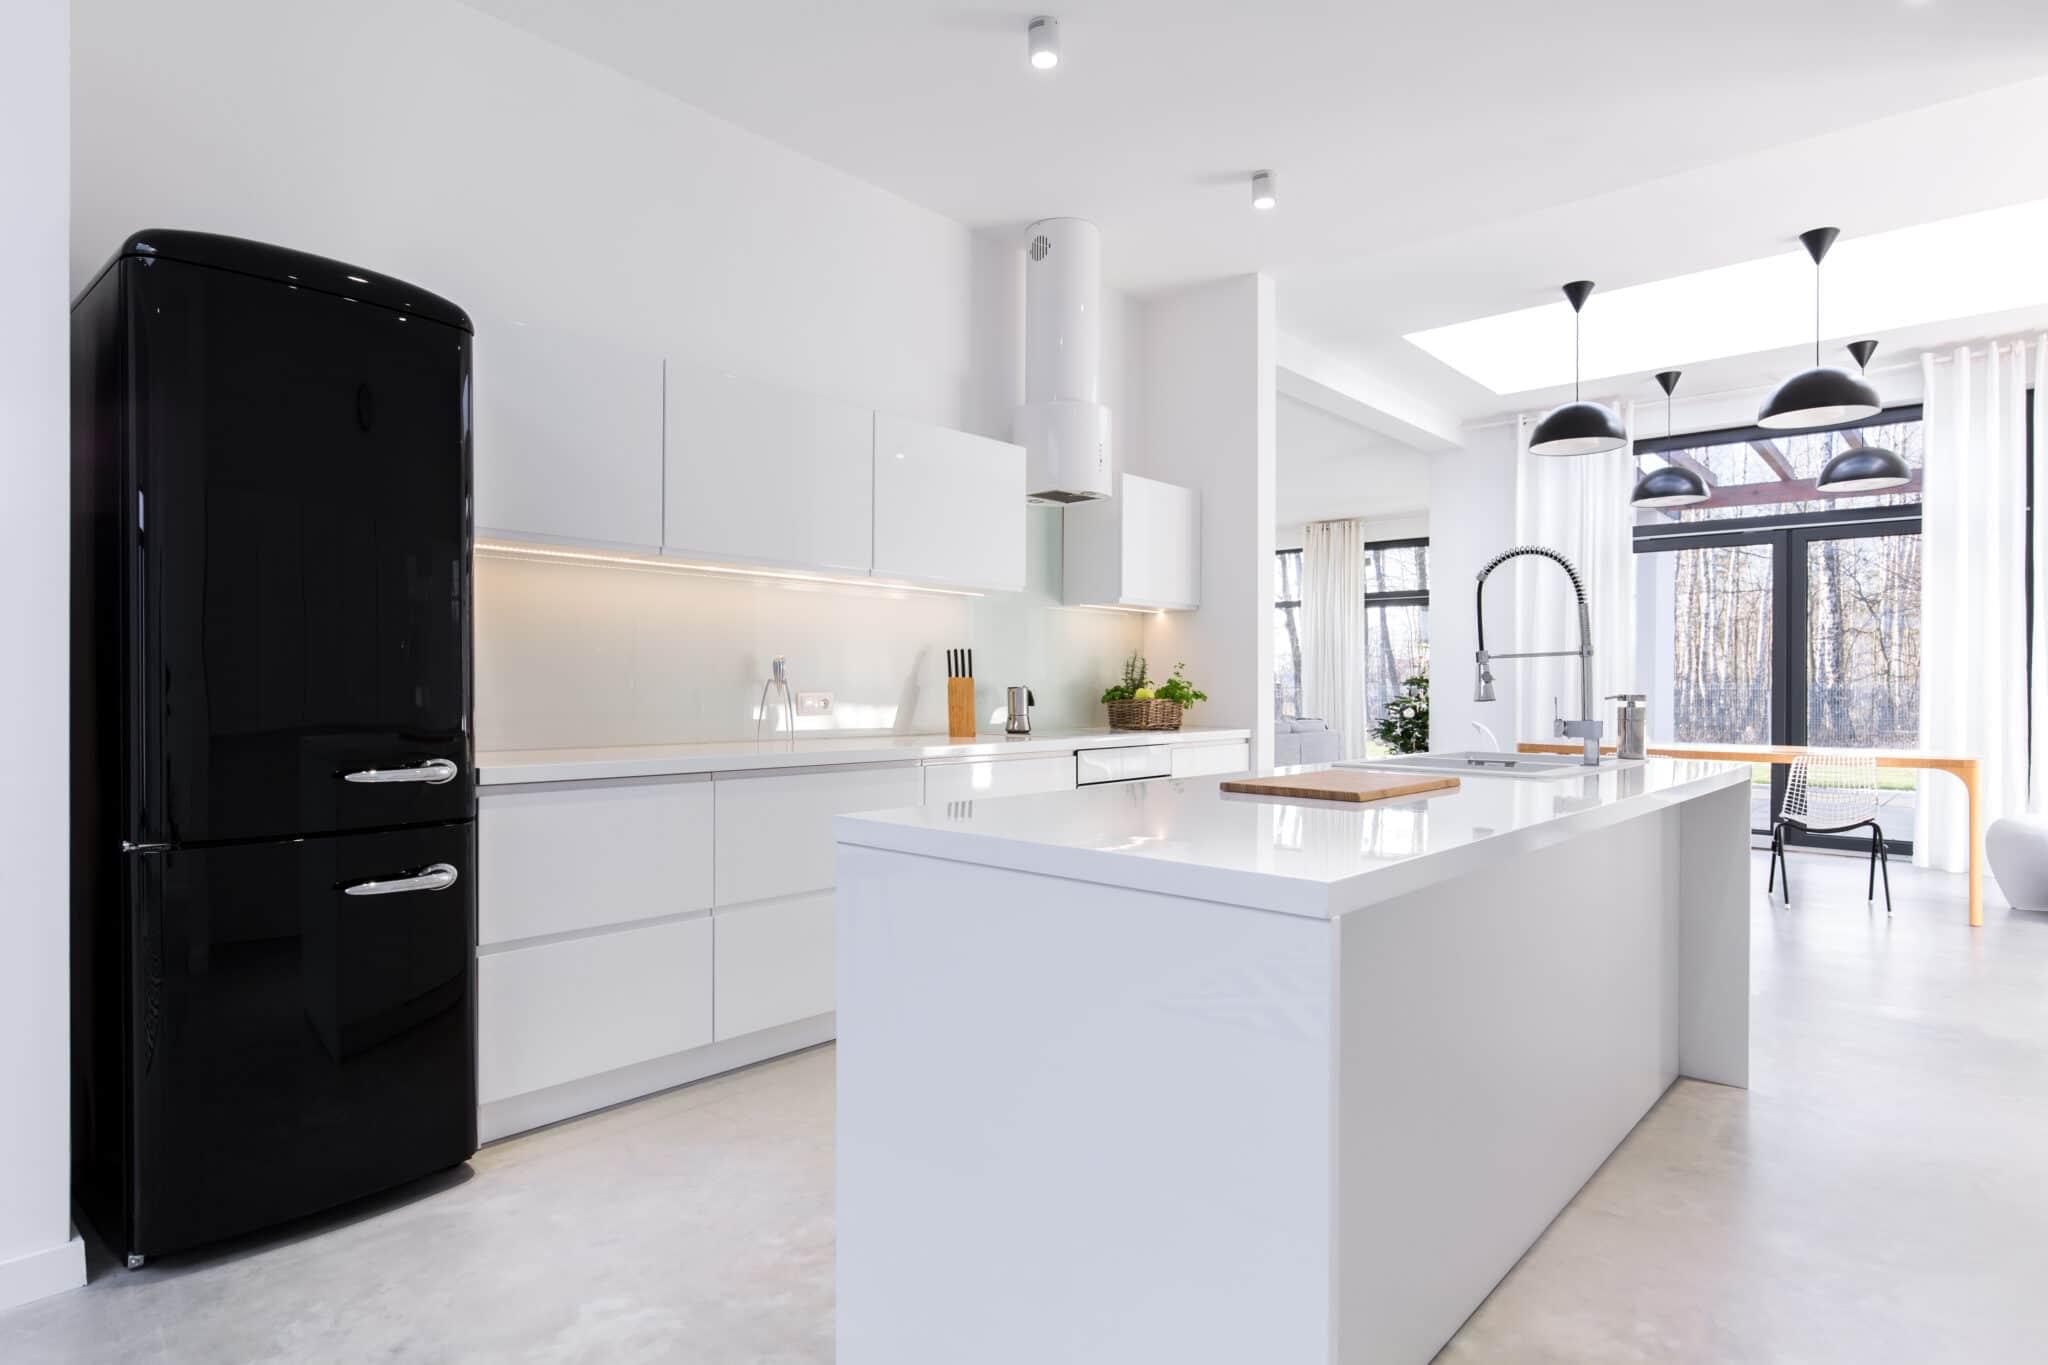 מטבחים מעץ מעצבי השיש במטבחים מהירים עם הרבה ידע בתחום השירות ואספקת מטבחים שיודעים לתת אחריות מלאה לעבודתם בד בבד אפיון דרישות הלקוח ומסירת המטבח